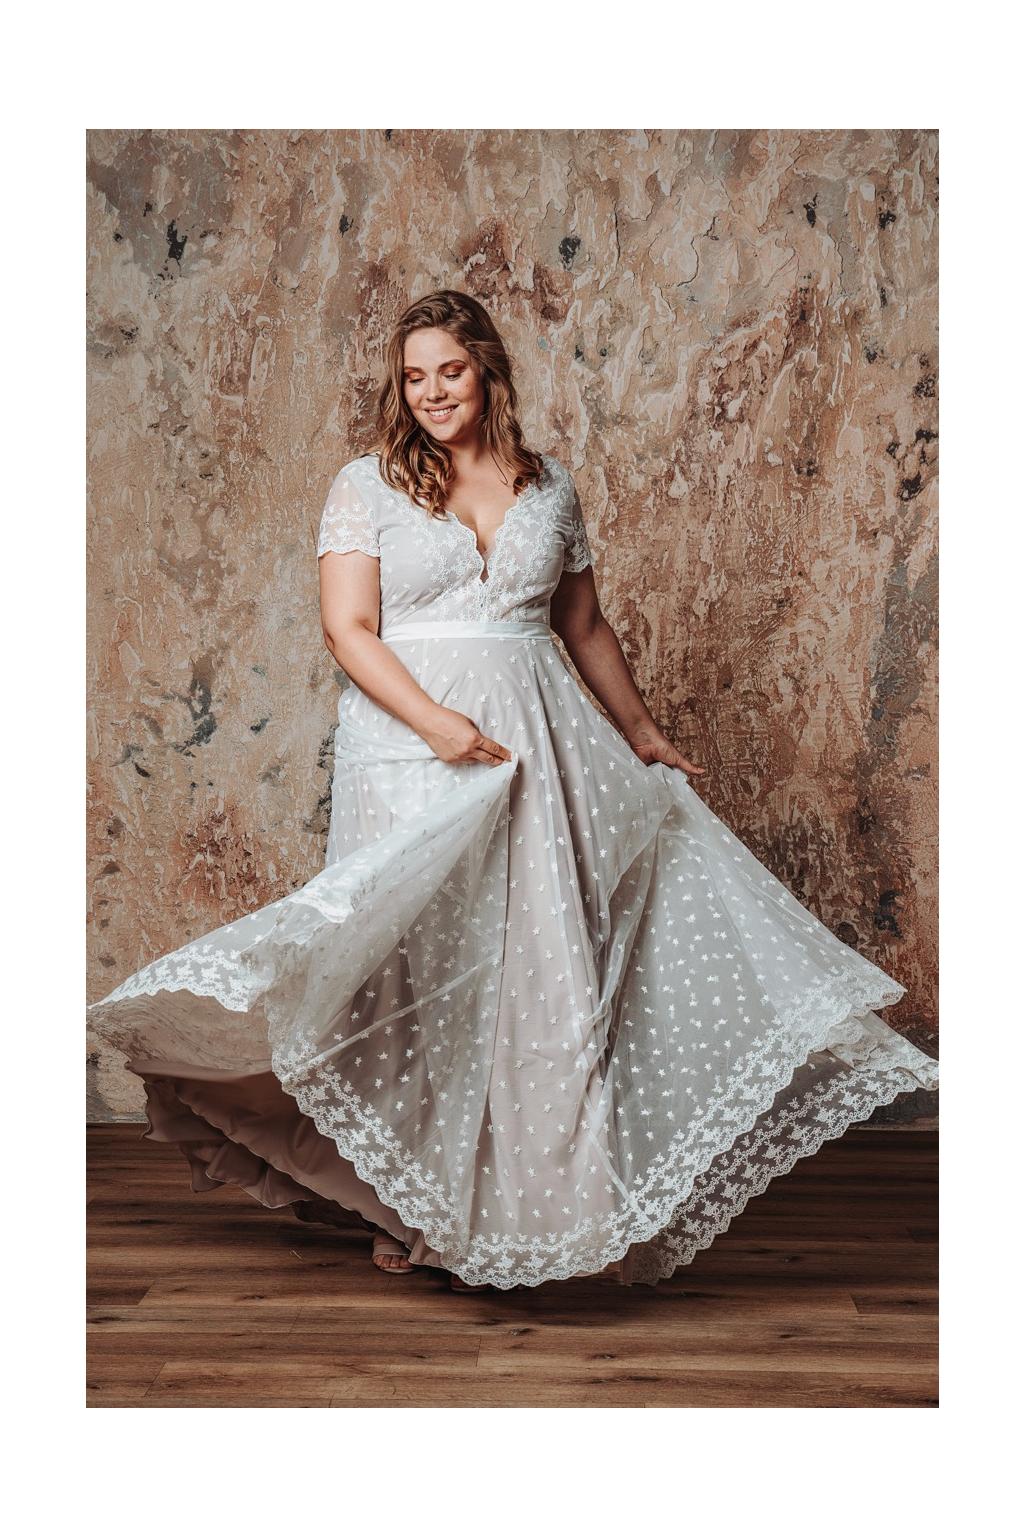 Celokrajkové svatební šaty MILLI PLUS